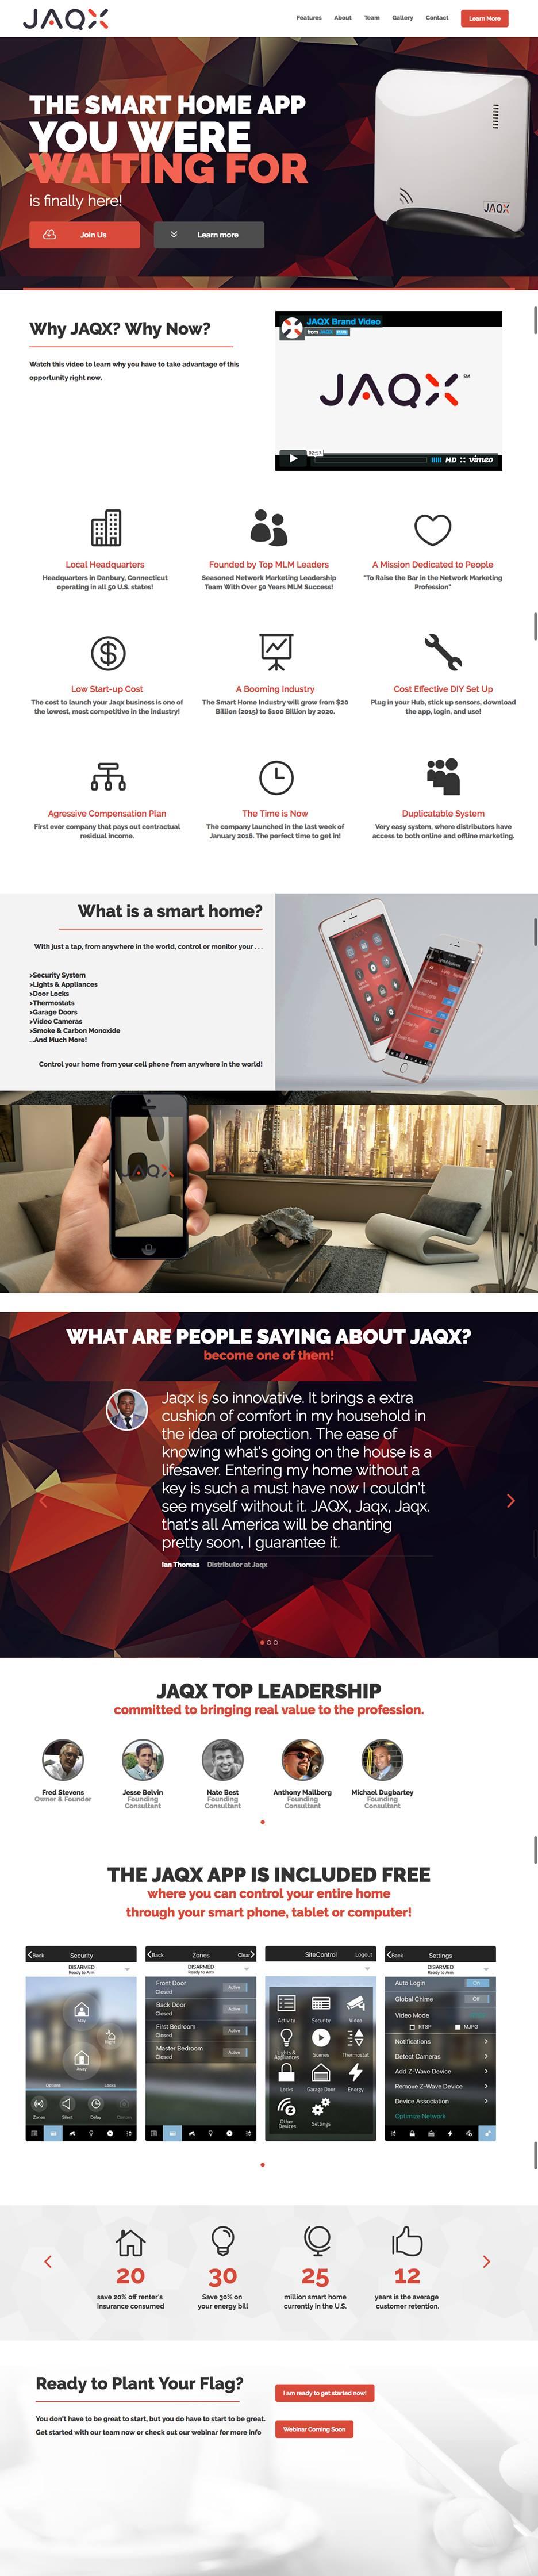 jaqx capture page